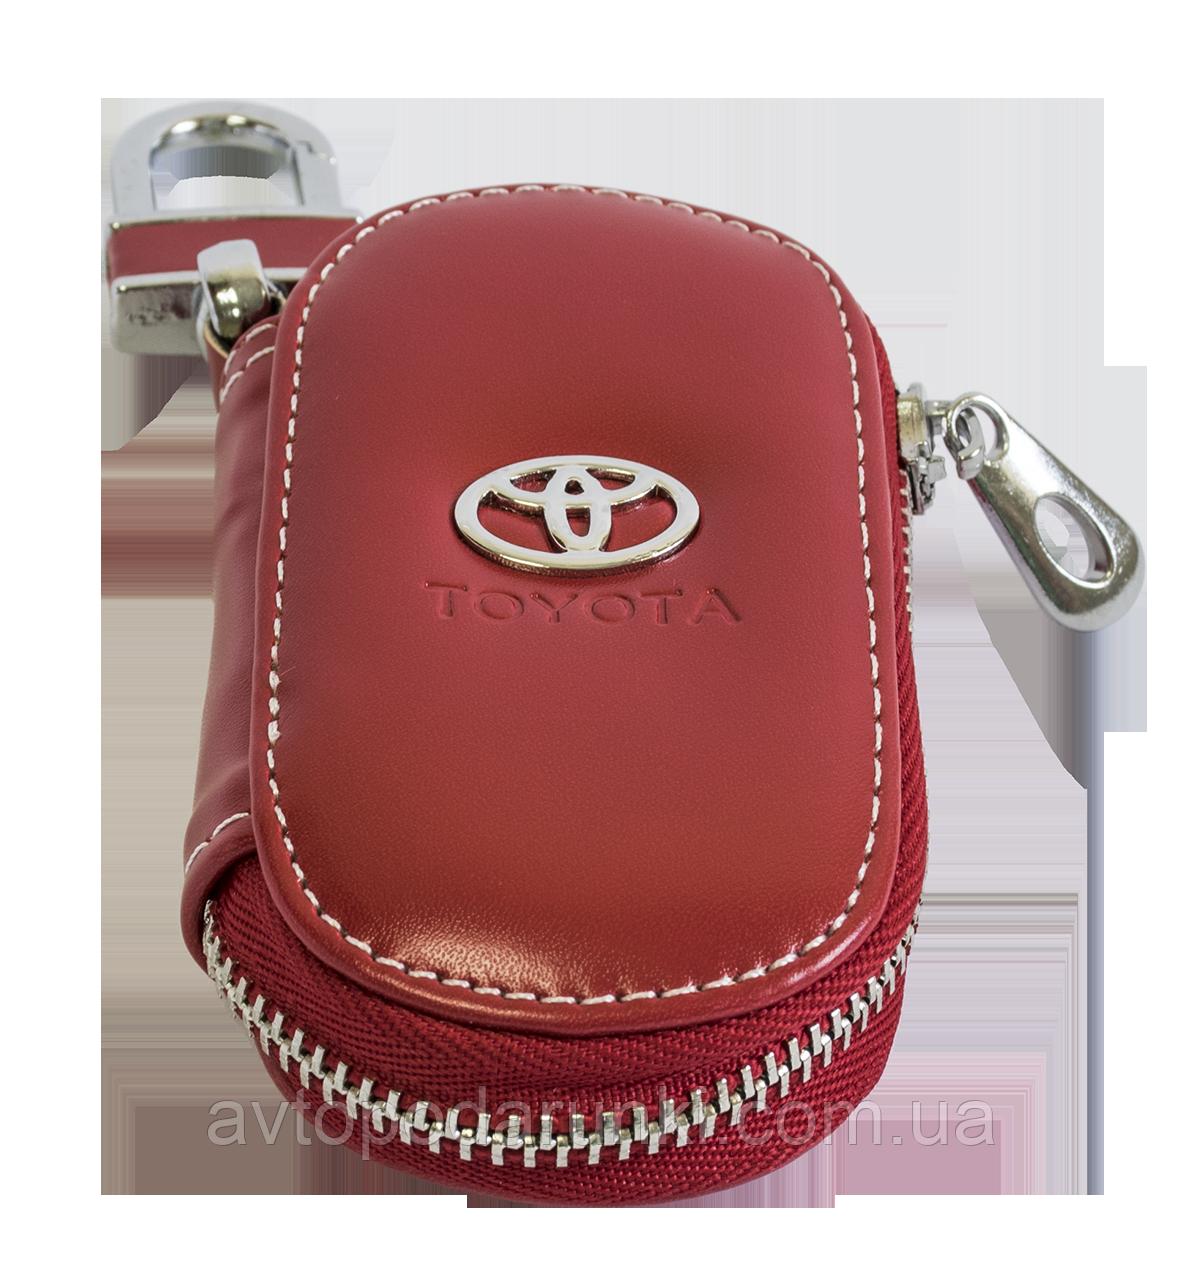 Ключница TOYOTA, кожаная автоключница с логотипом  ТОЙОТА (красная 07015)